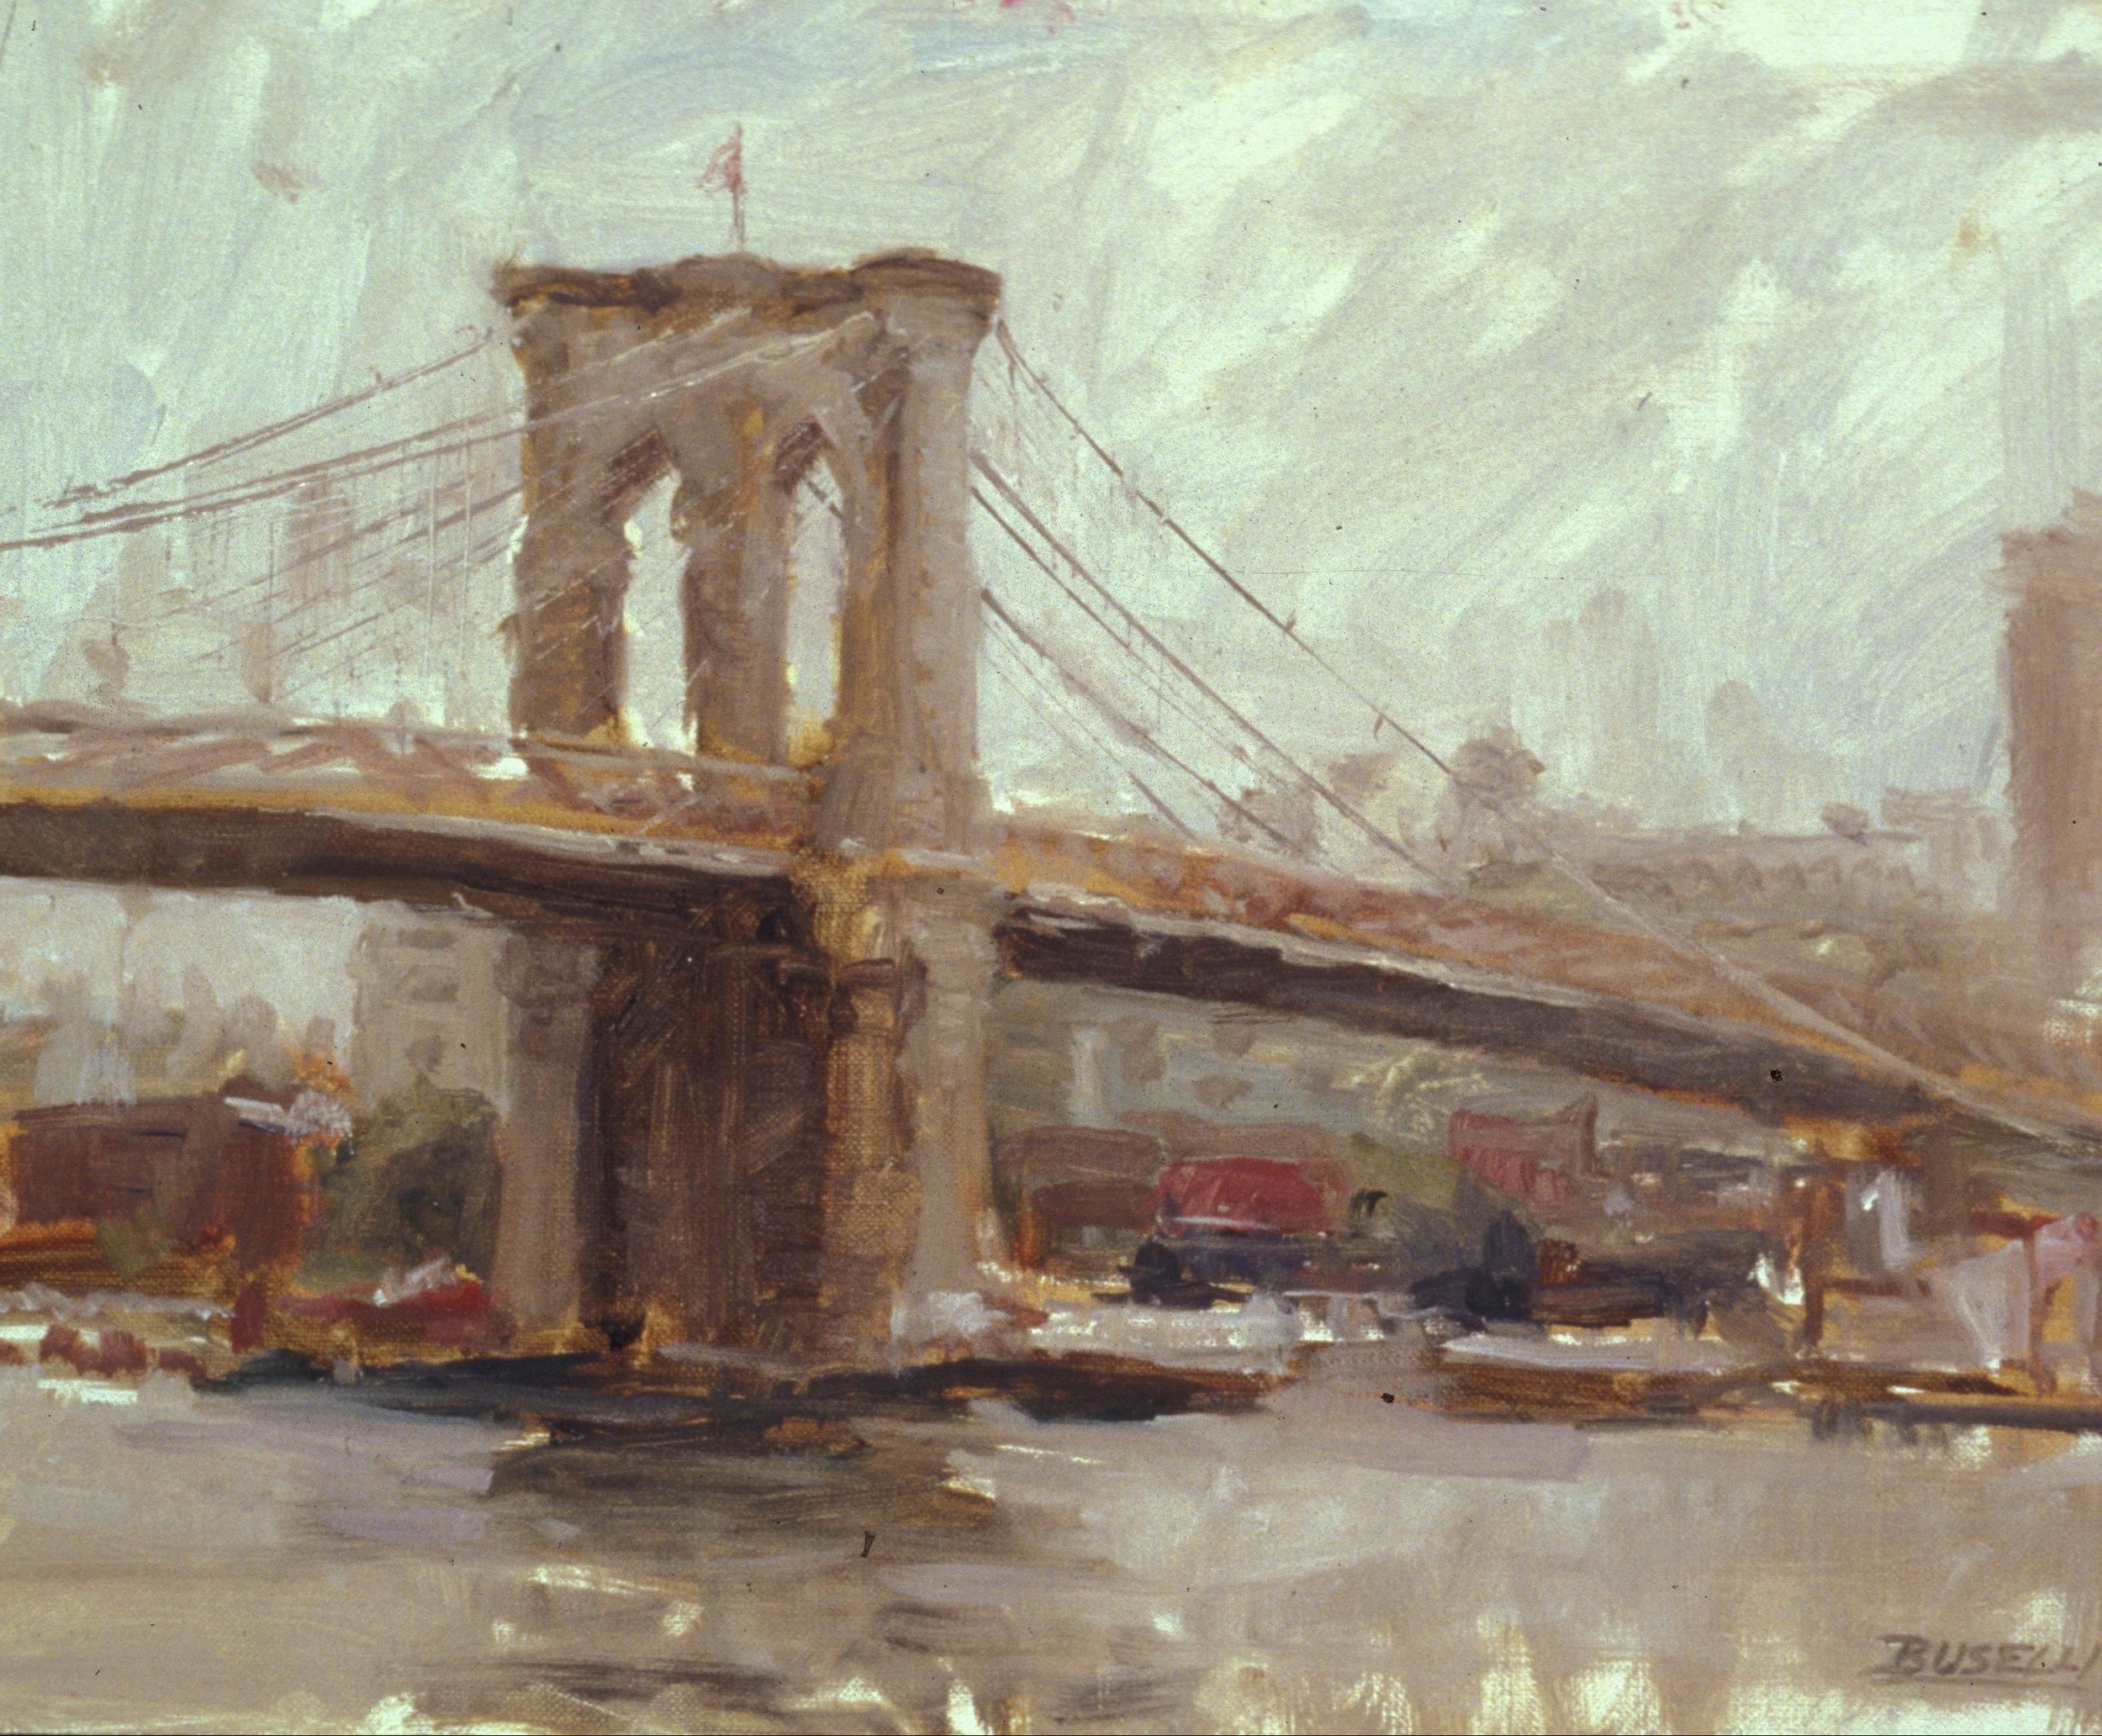 The Brooklyn Bridge - 9 X 12 - oil on linen - Ellen Buselli.jpg